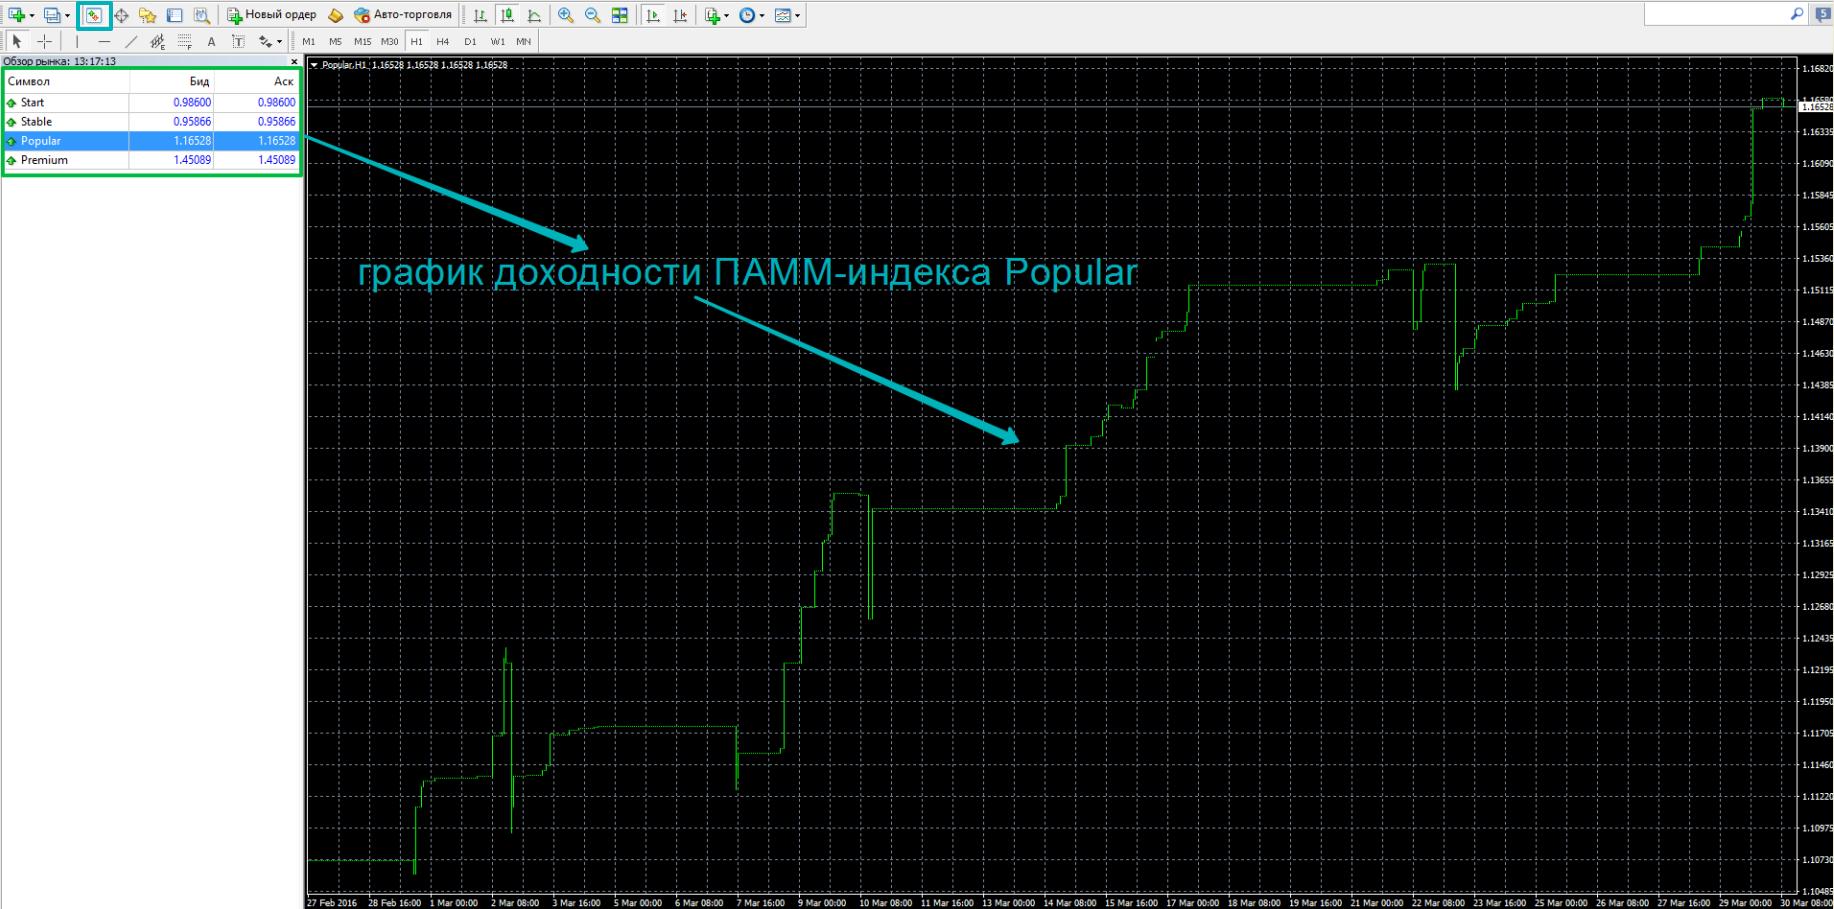 График доходности ПАММ индекса